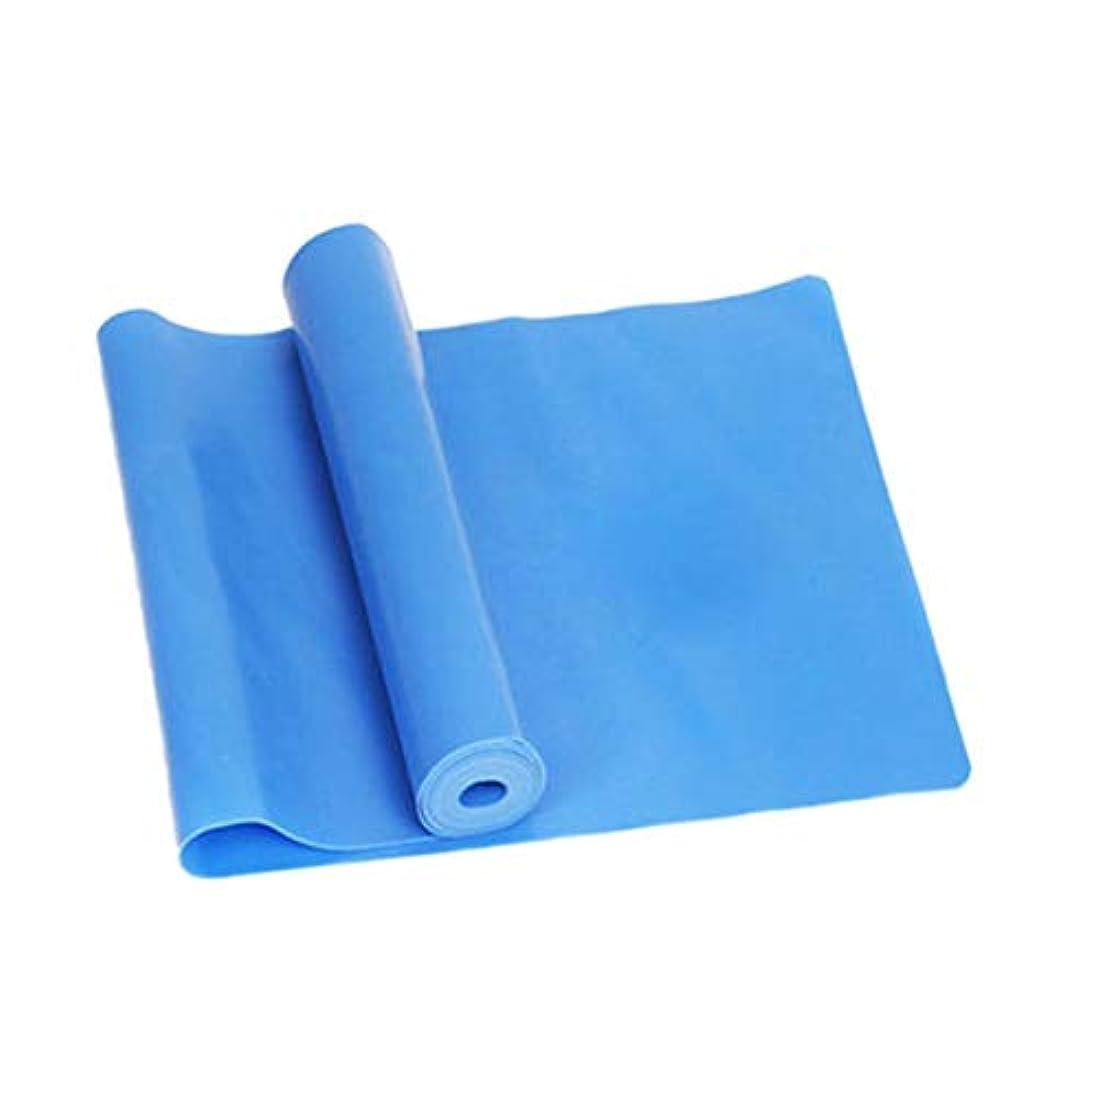 せせらぎ大いにフィドルスポーツジムフィットネスヨガ用品筋力トレーニング弾性抵抗バンドトレーニングヨガゴムループスポーツピラテスバンド - ブルー